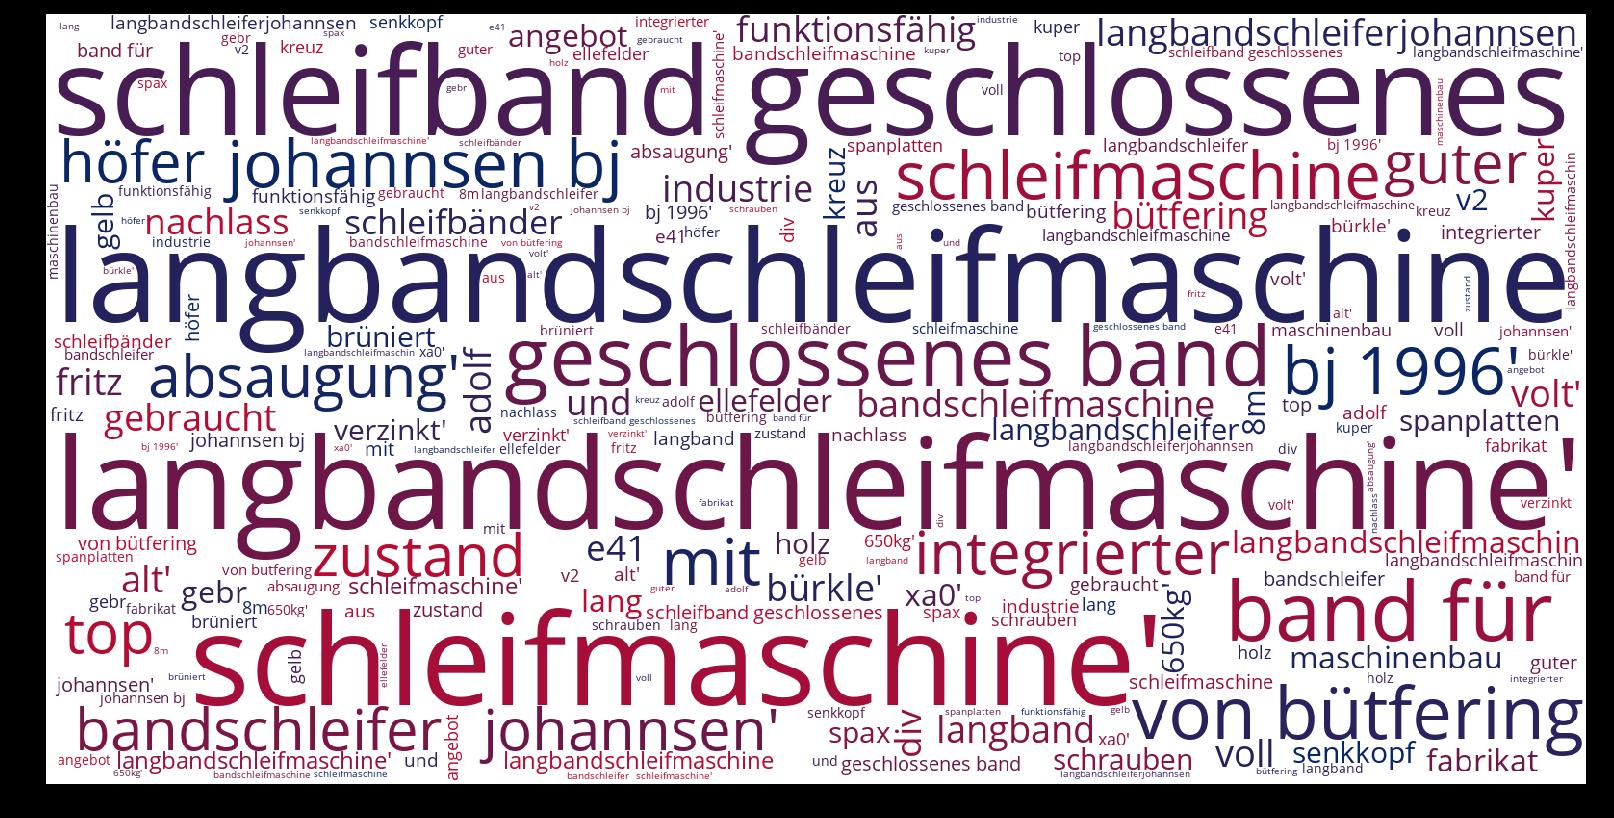 Langbandschleifmaschine-wordcloud